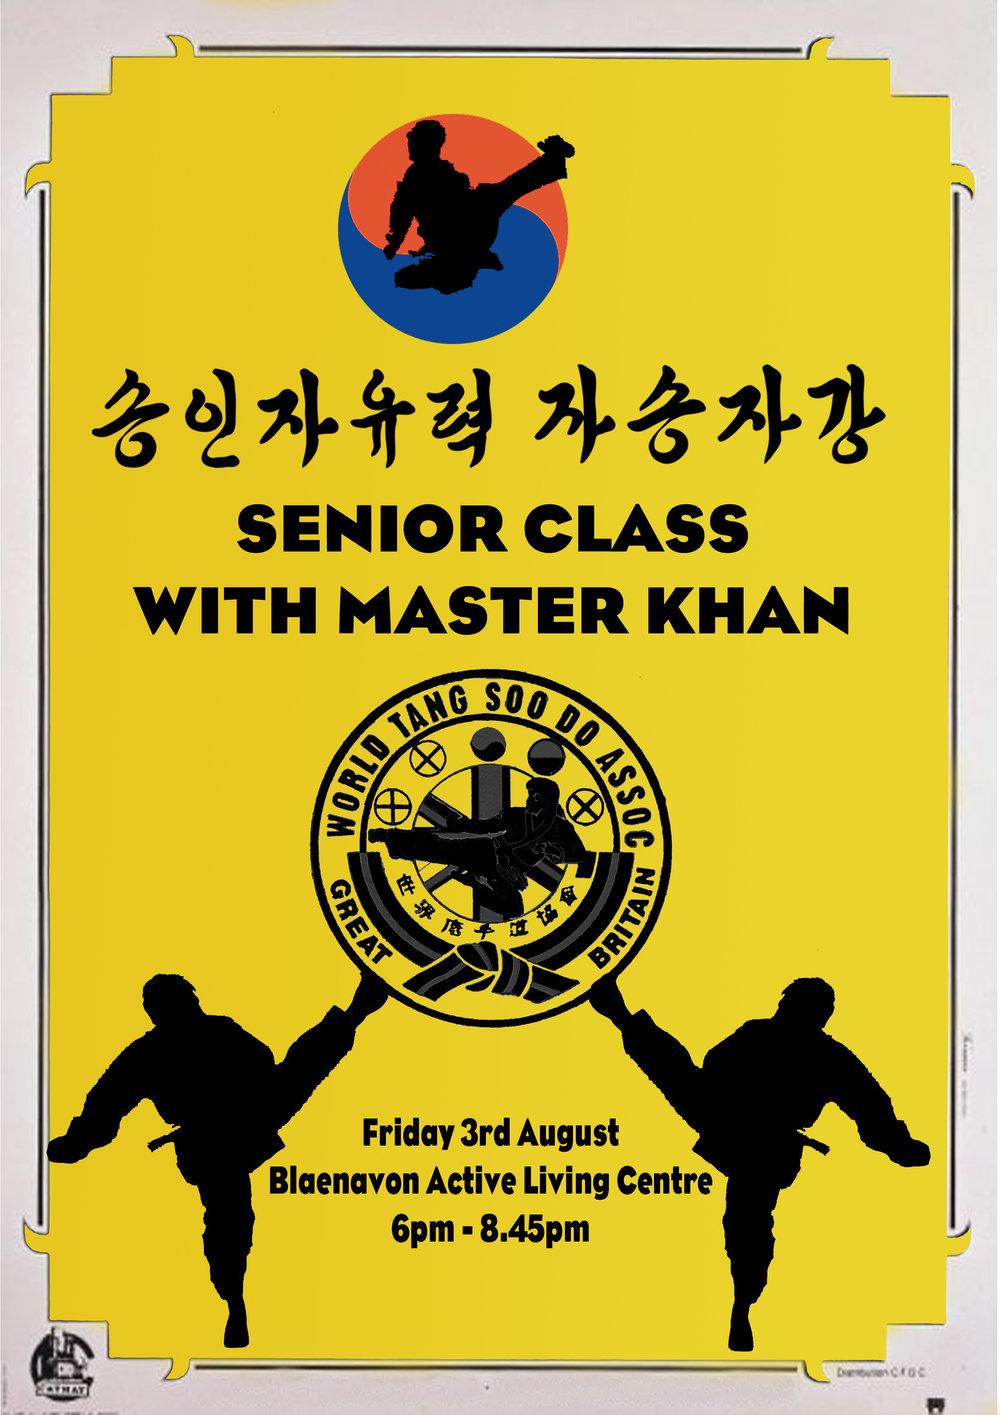 MK Seminar Poster.jpg